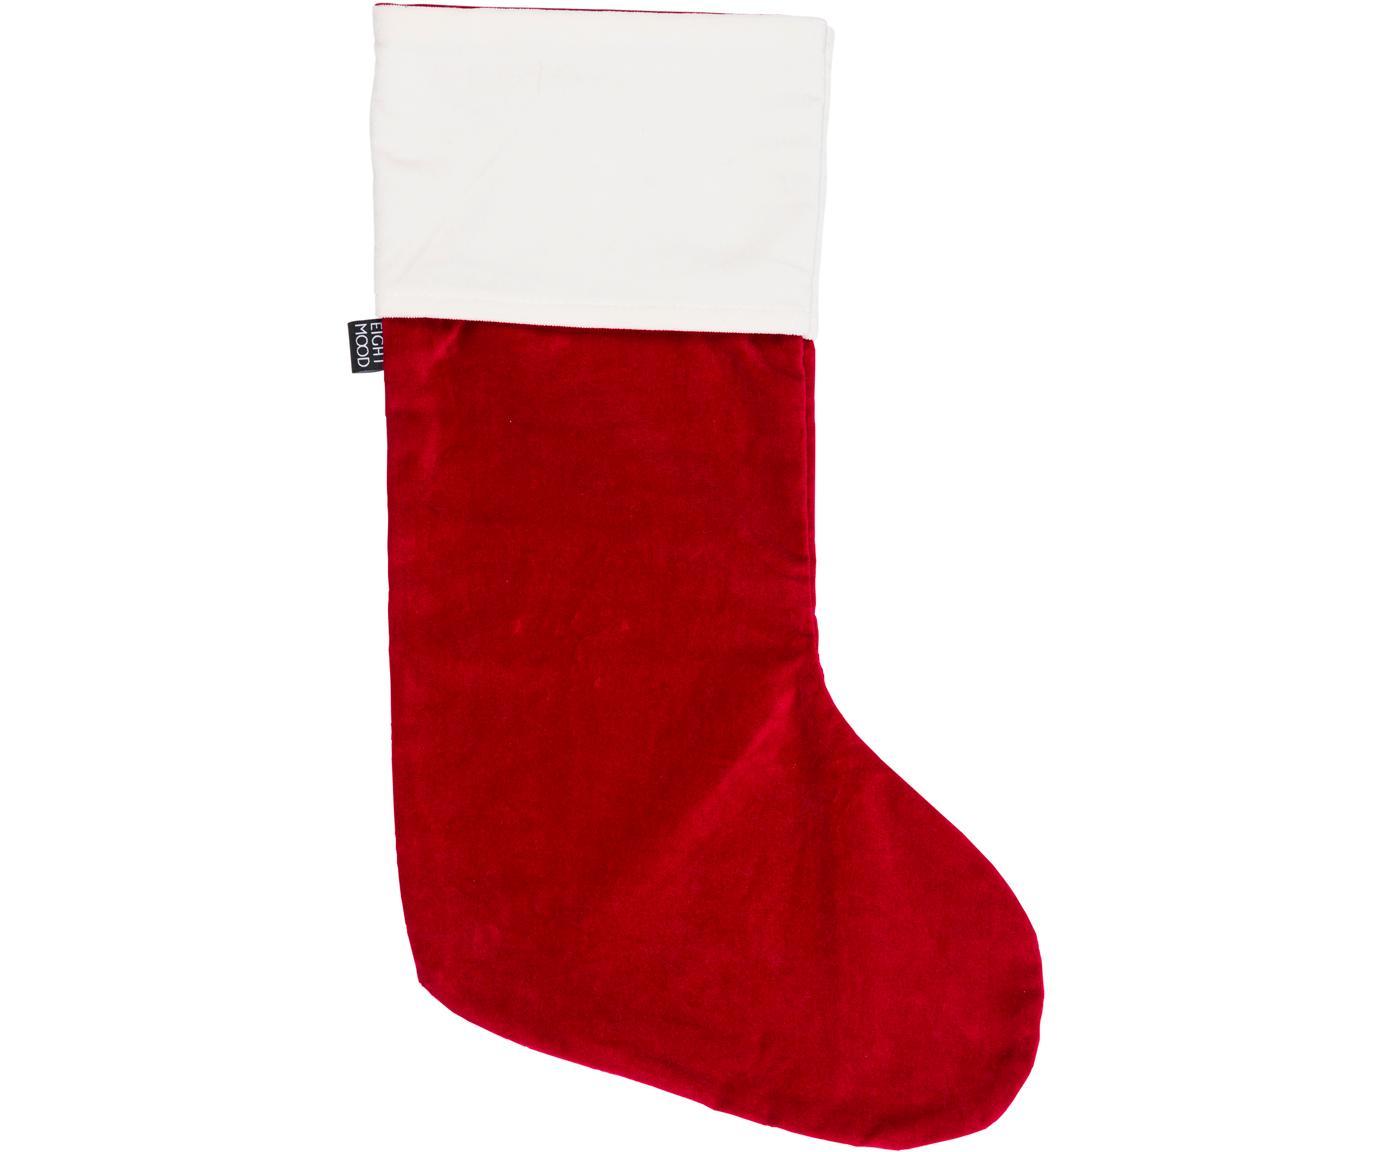 Skarpeta świąteczna  Veronica, Bawełna, Czerwony, biały, S 25 x W 45 cm